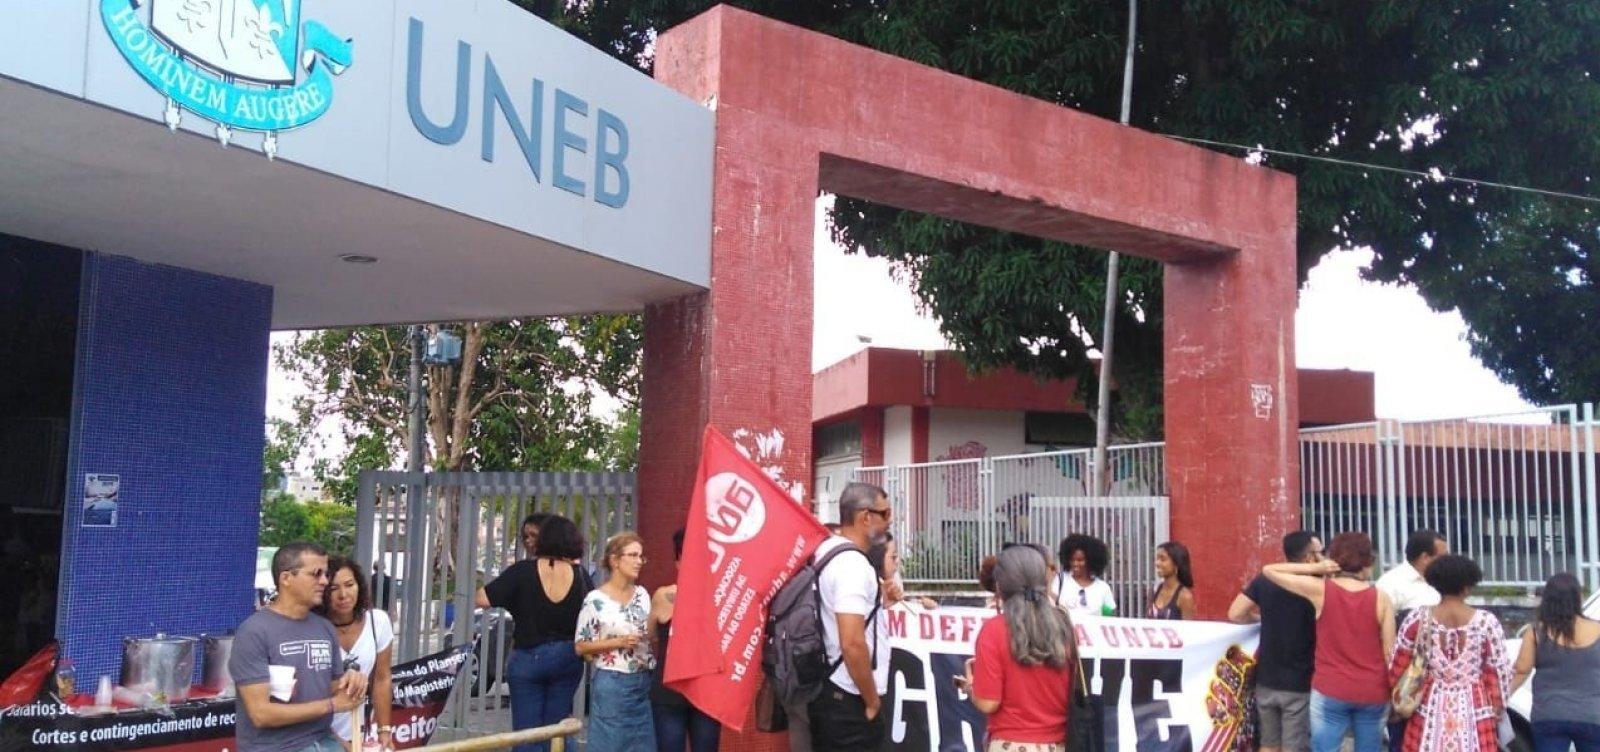 [Professores seguem com salários cortados após decisão da Justiça, diz Aduneb]